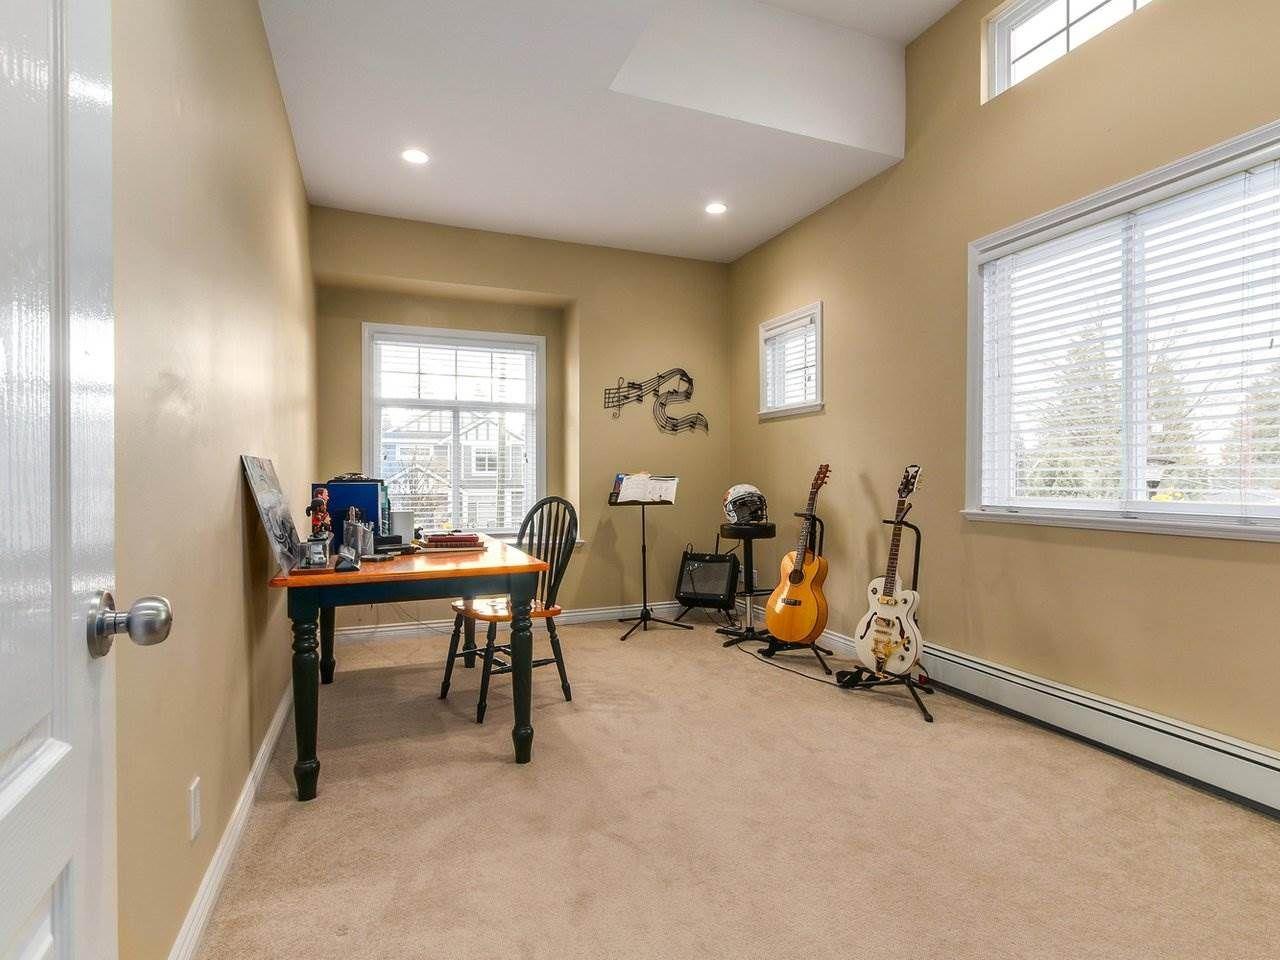 Photo 17: Photos: 725 REGAN Avenue in Coquitlam: Coquitlam West House for sale : MLS®# R2226266